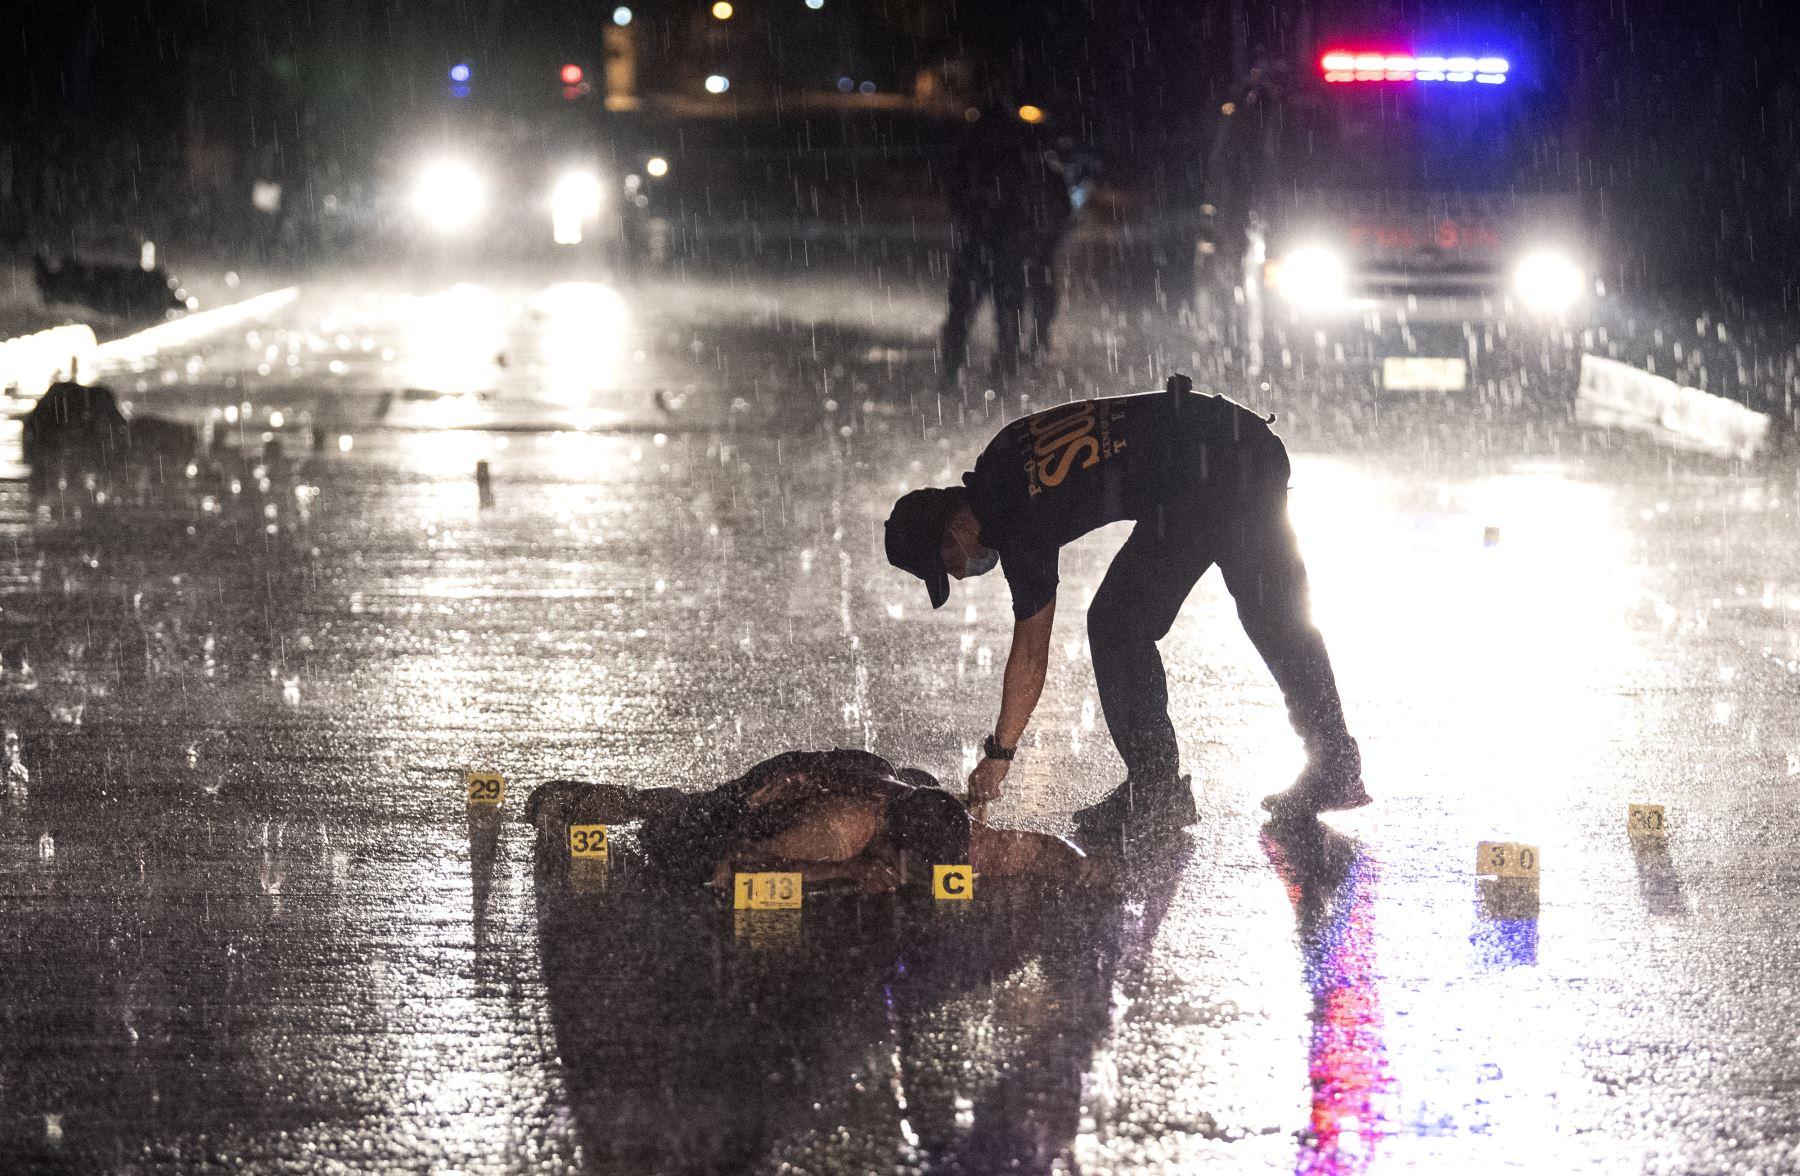 Los oficiales de policía investigan una escena de un tiroteo mientras el cuerpo de un sospechoso yace en una calle en Manila. Tres sospechosos murieron a tiros luego de un intercambio de disparos durante una operación policial, con tres armas de fuego y un saquito de metanfetamina recuperado en la escena. AFP